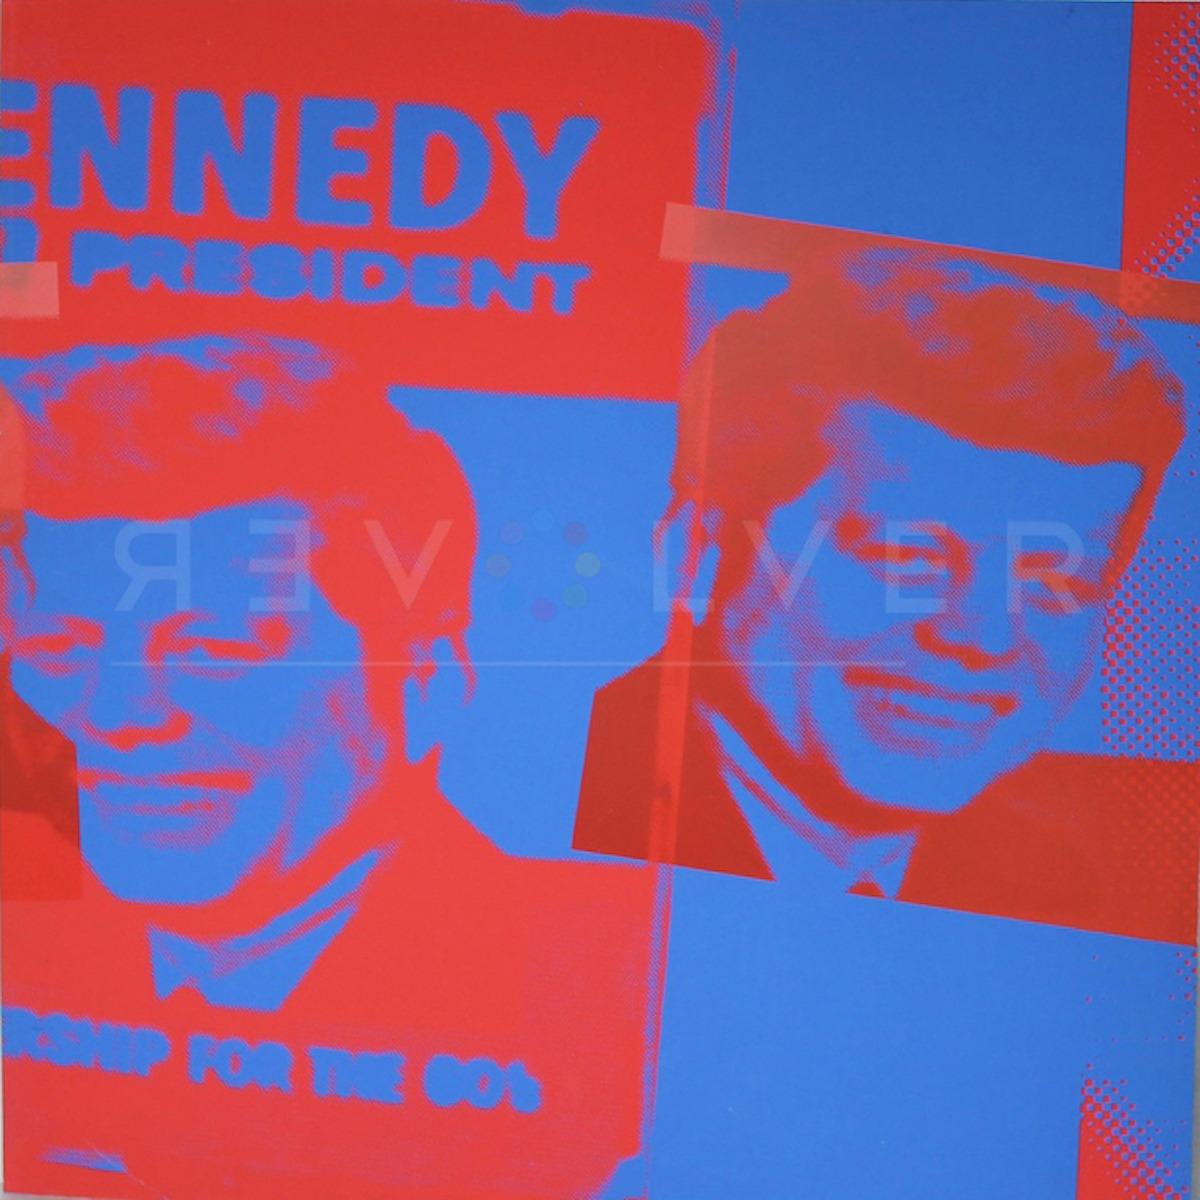 Andy Warhol - Flash 42 frame jpg